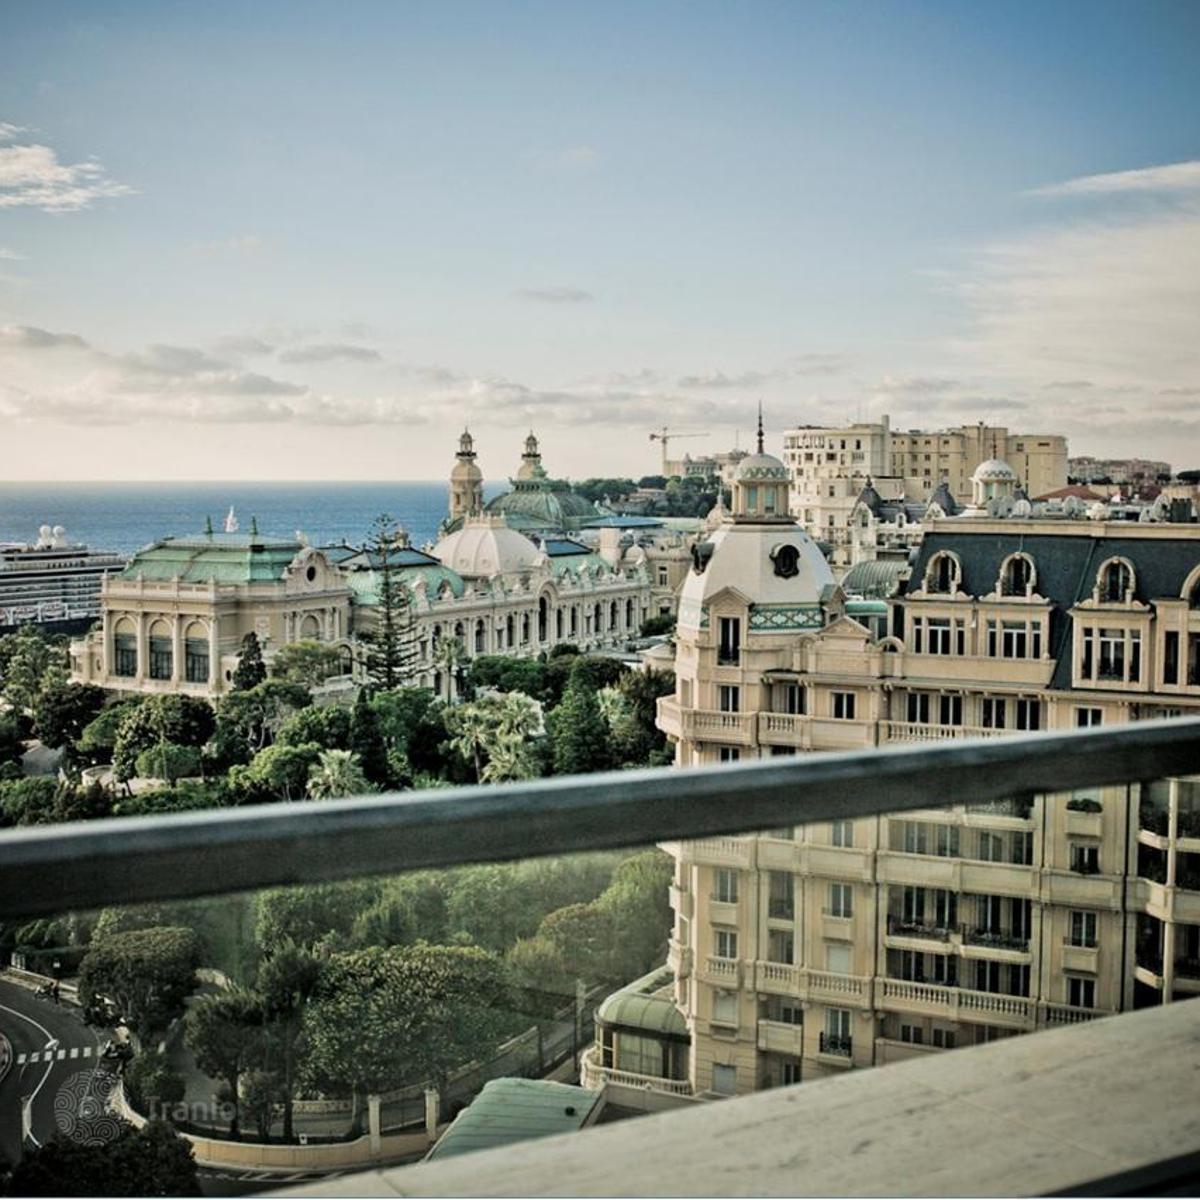 Monte Carlo Apartments: Listing #1266883 In Monte Carlo, Monaco